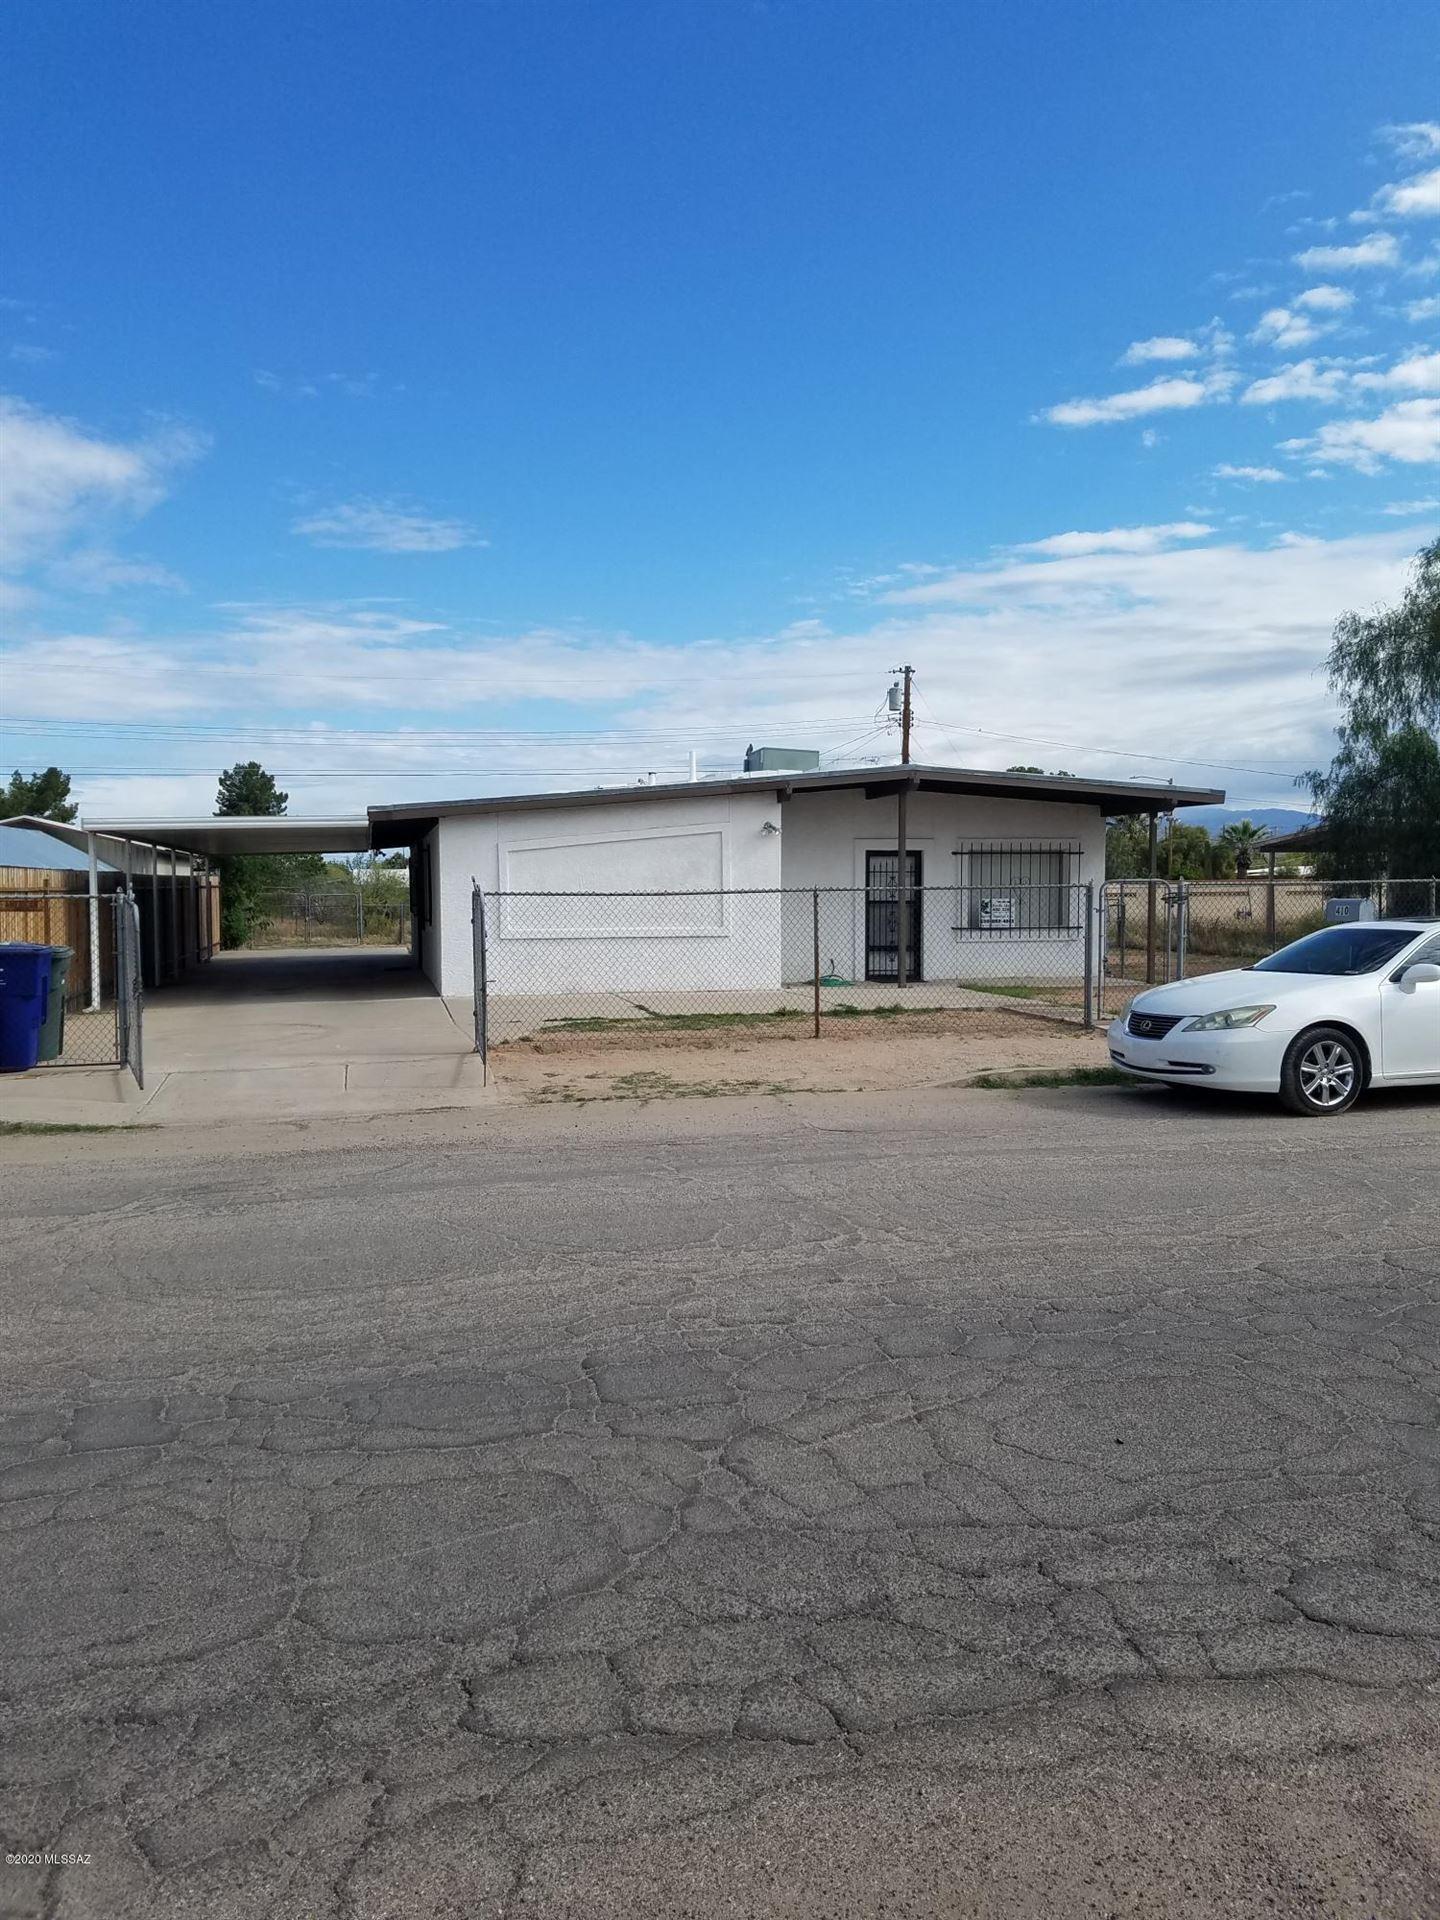 410 W Utah Street, Tucson, AZ 85706 - MLS#: 22009814